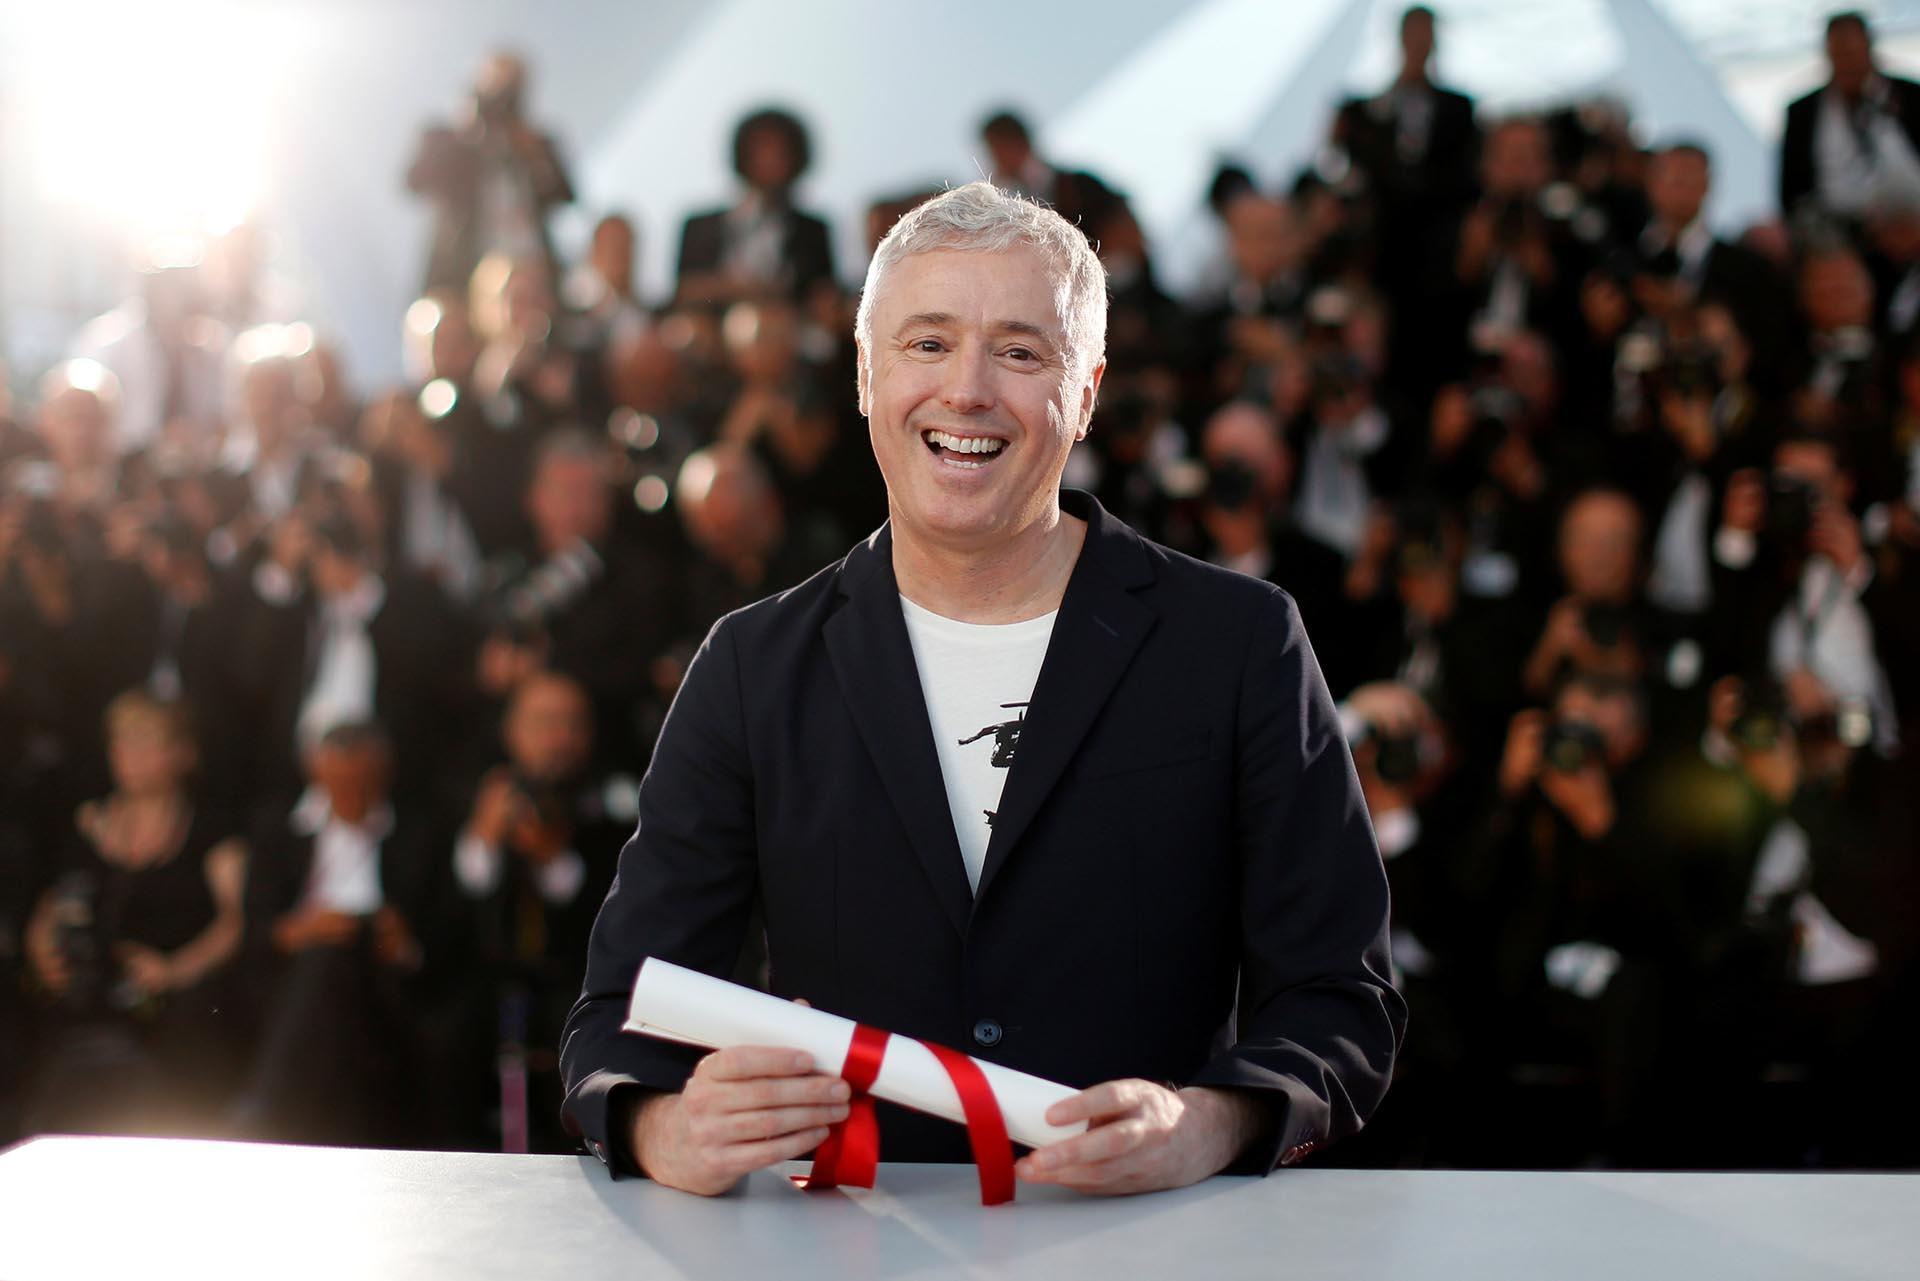 """Robin Campillo, director de """"120 battements par minute"""" REUTERS/Regis Duvignau"""